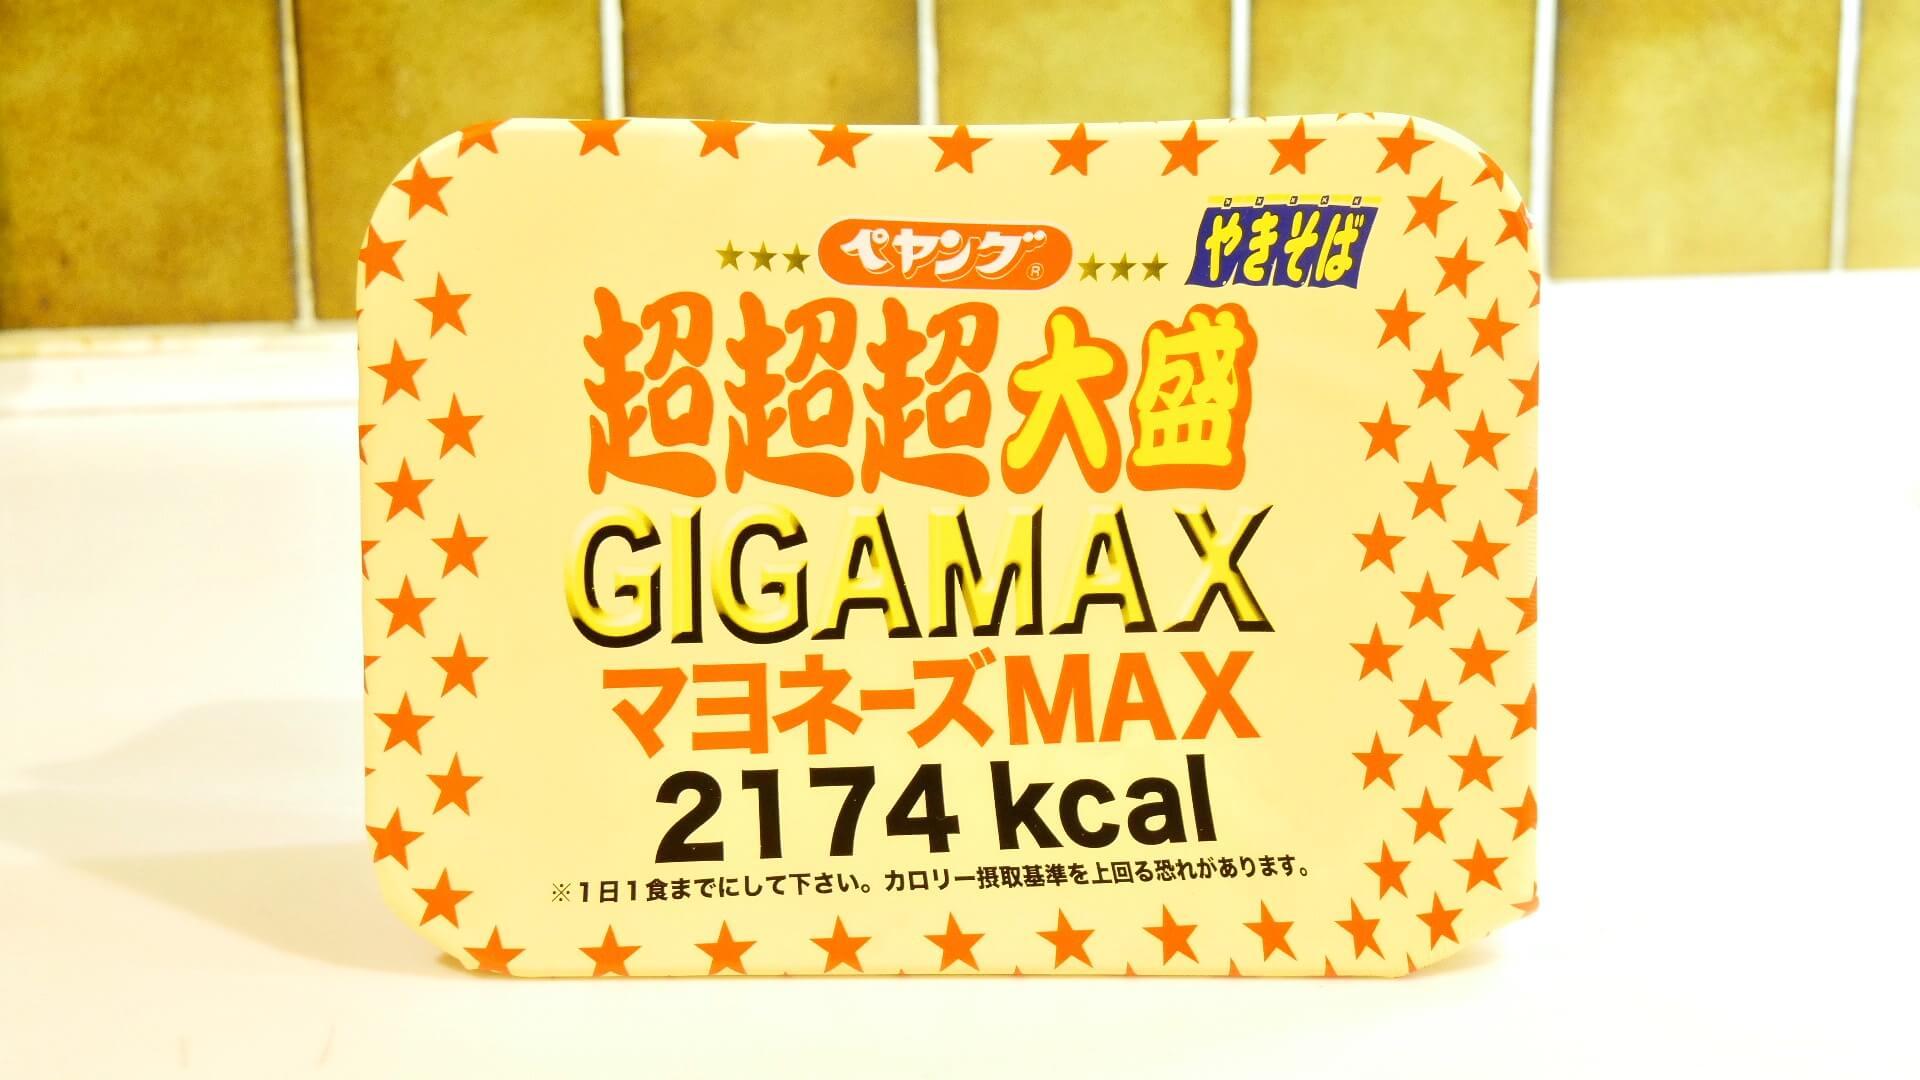 ペヤング ソースやきそば超超超大盛GIGAMAXマヨネーズMAX